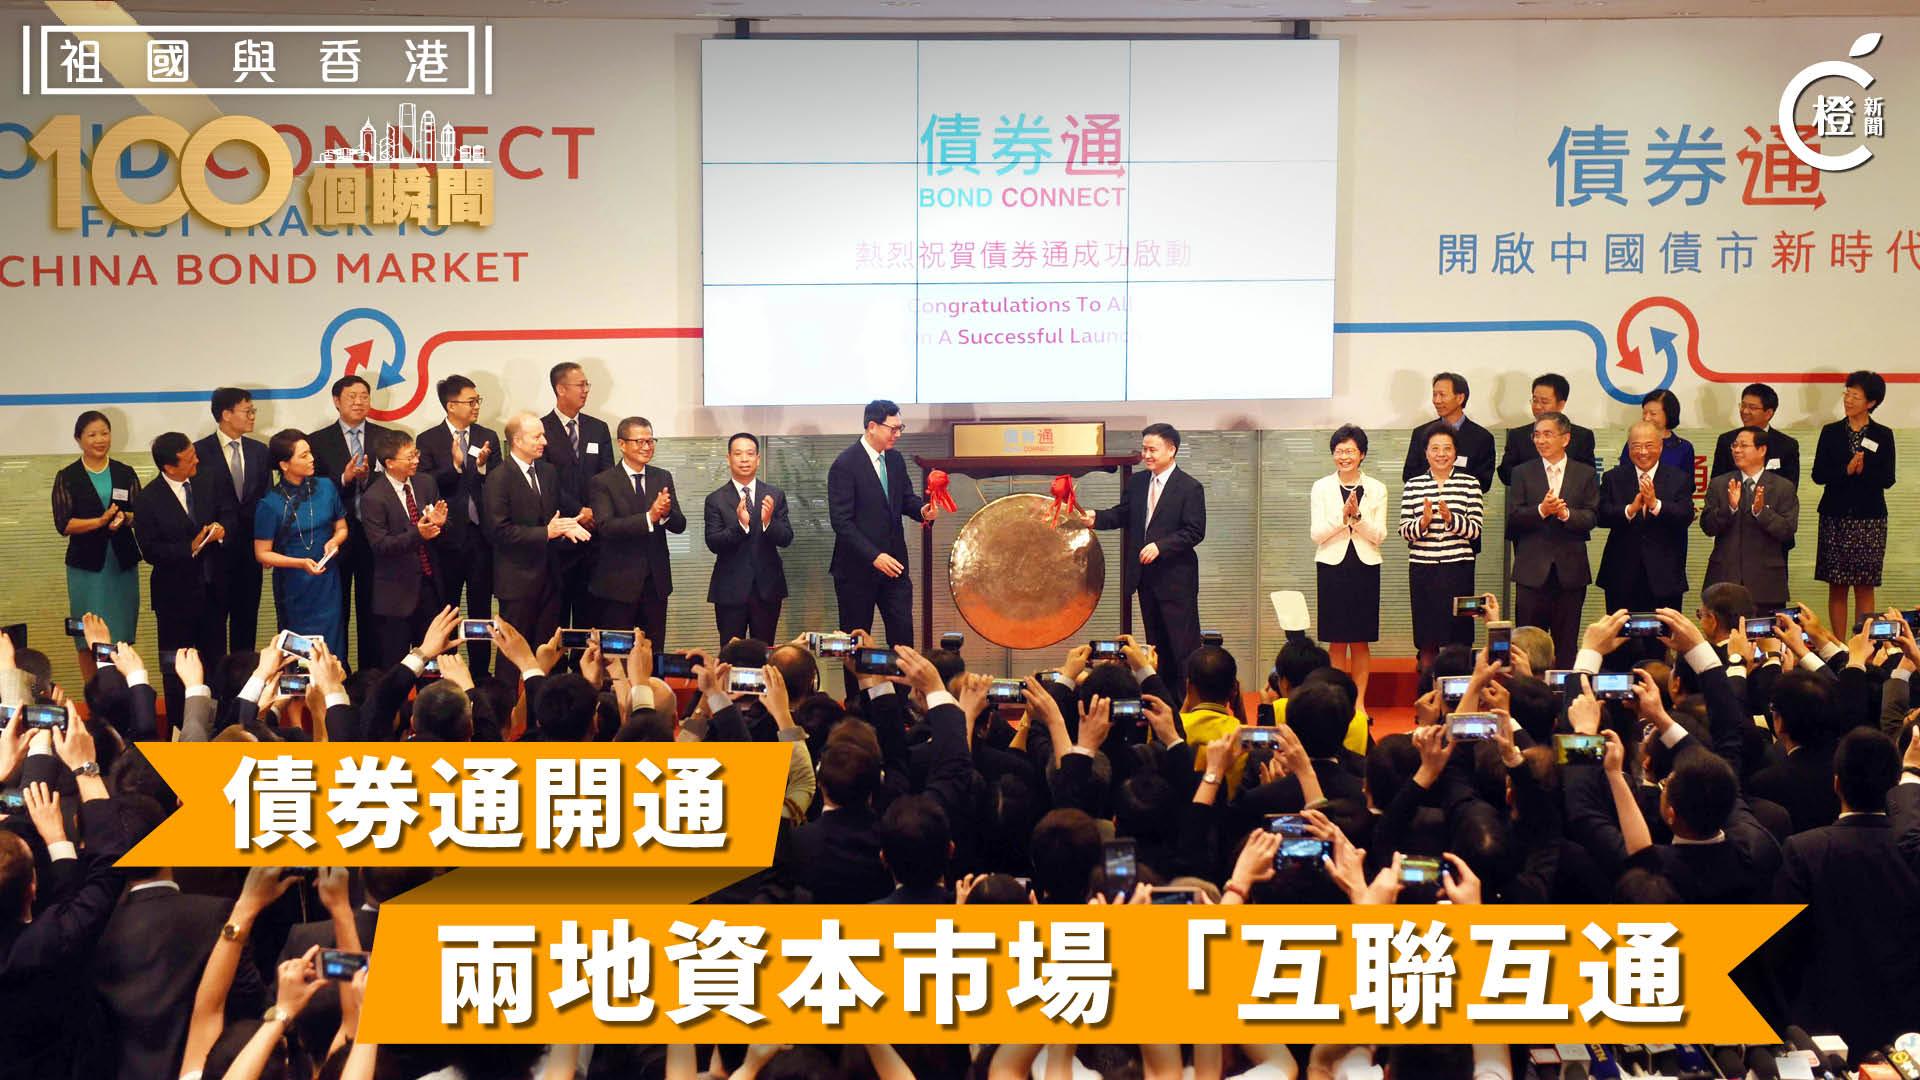 【祖國與香港100個瞬間】北向債券通開通 成兩地資本市場「互聯互通」里程碑